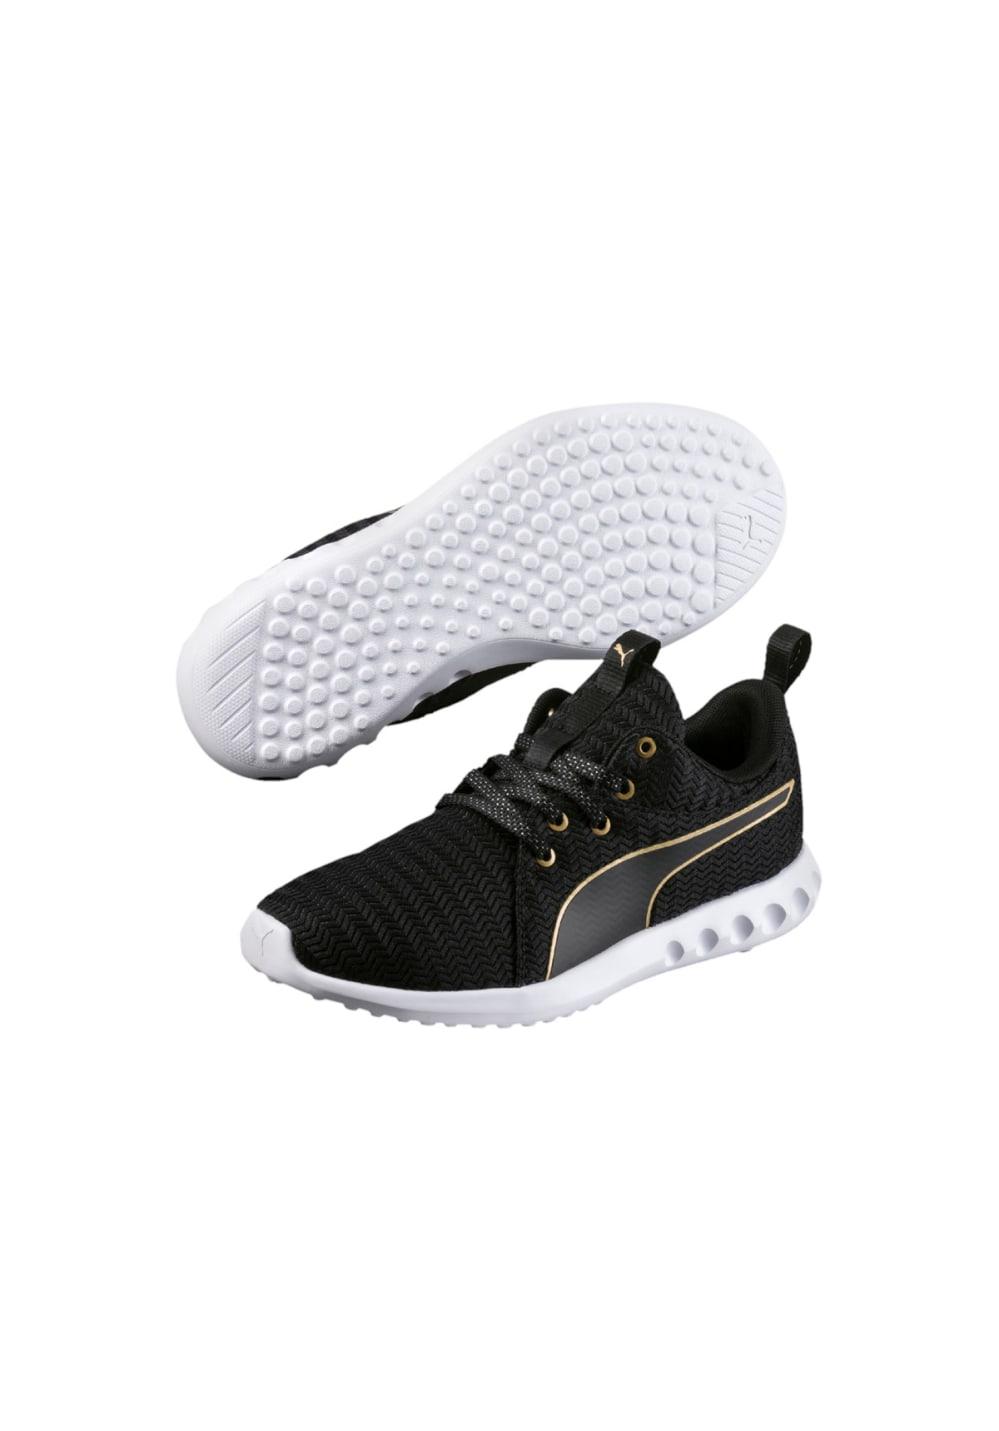 Puma Carson 2 - Laufschuhe für Damen - Schwarz